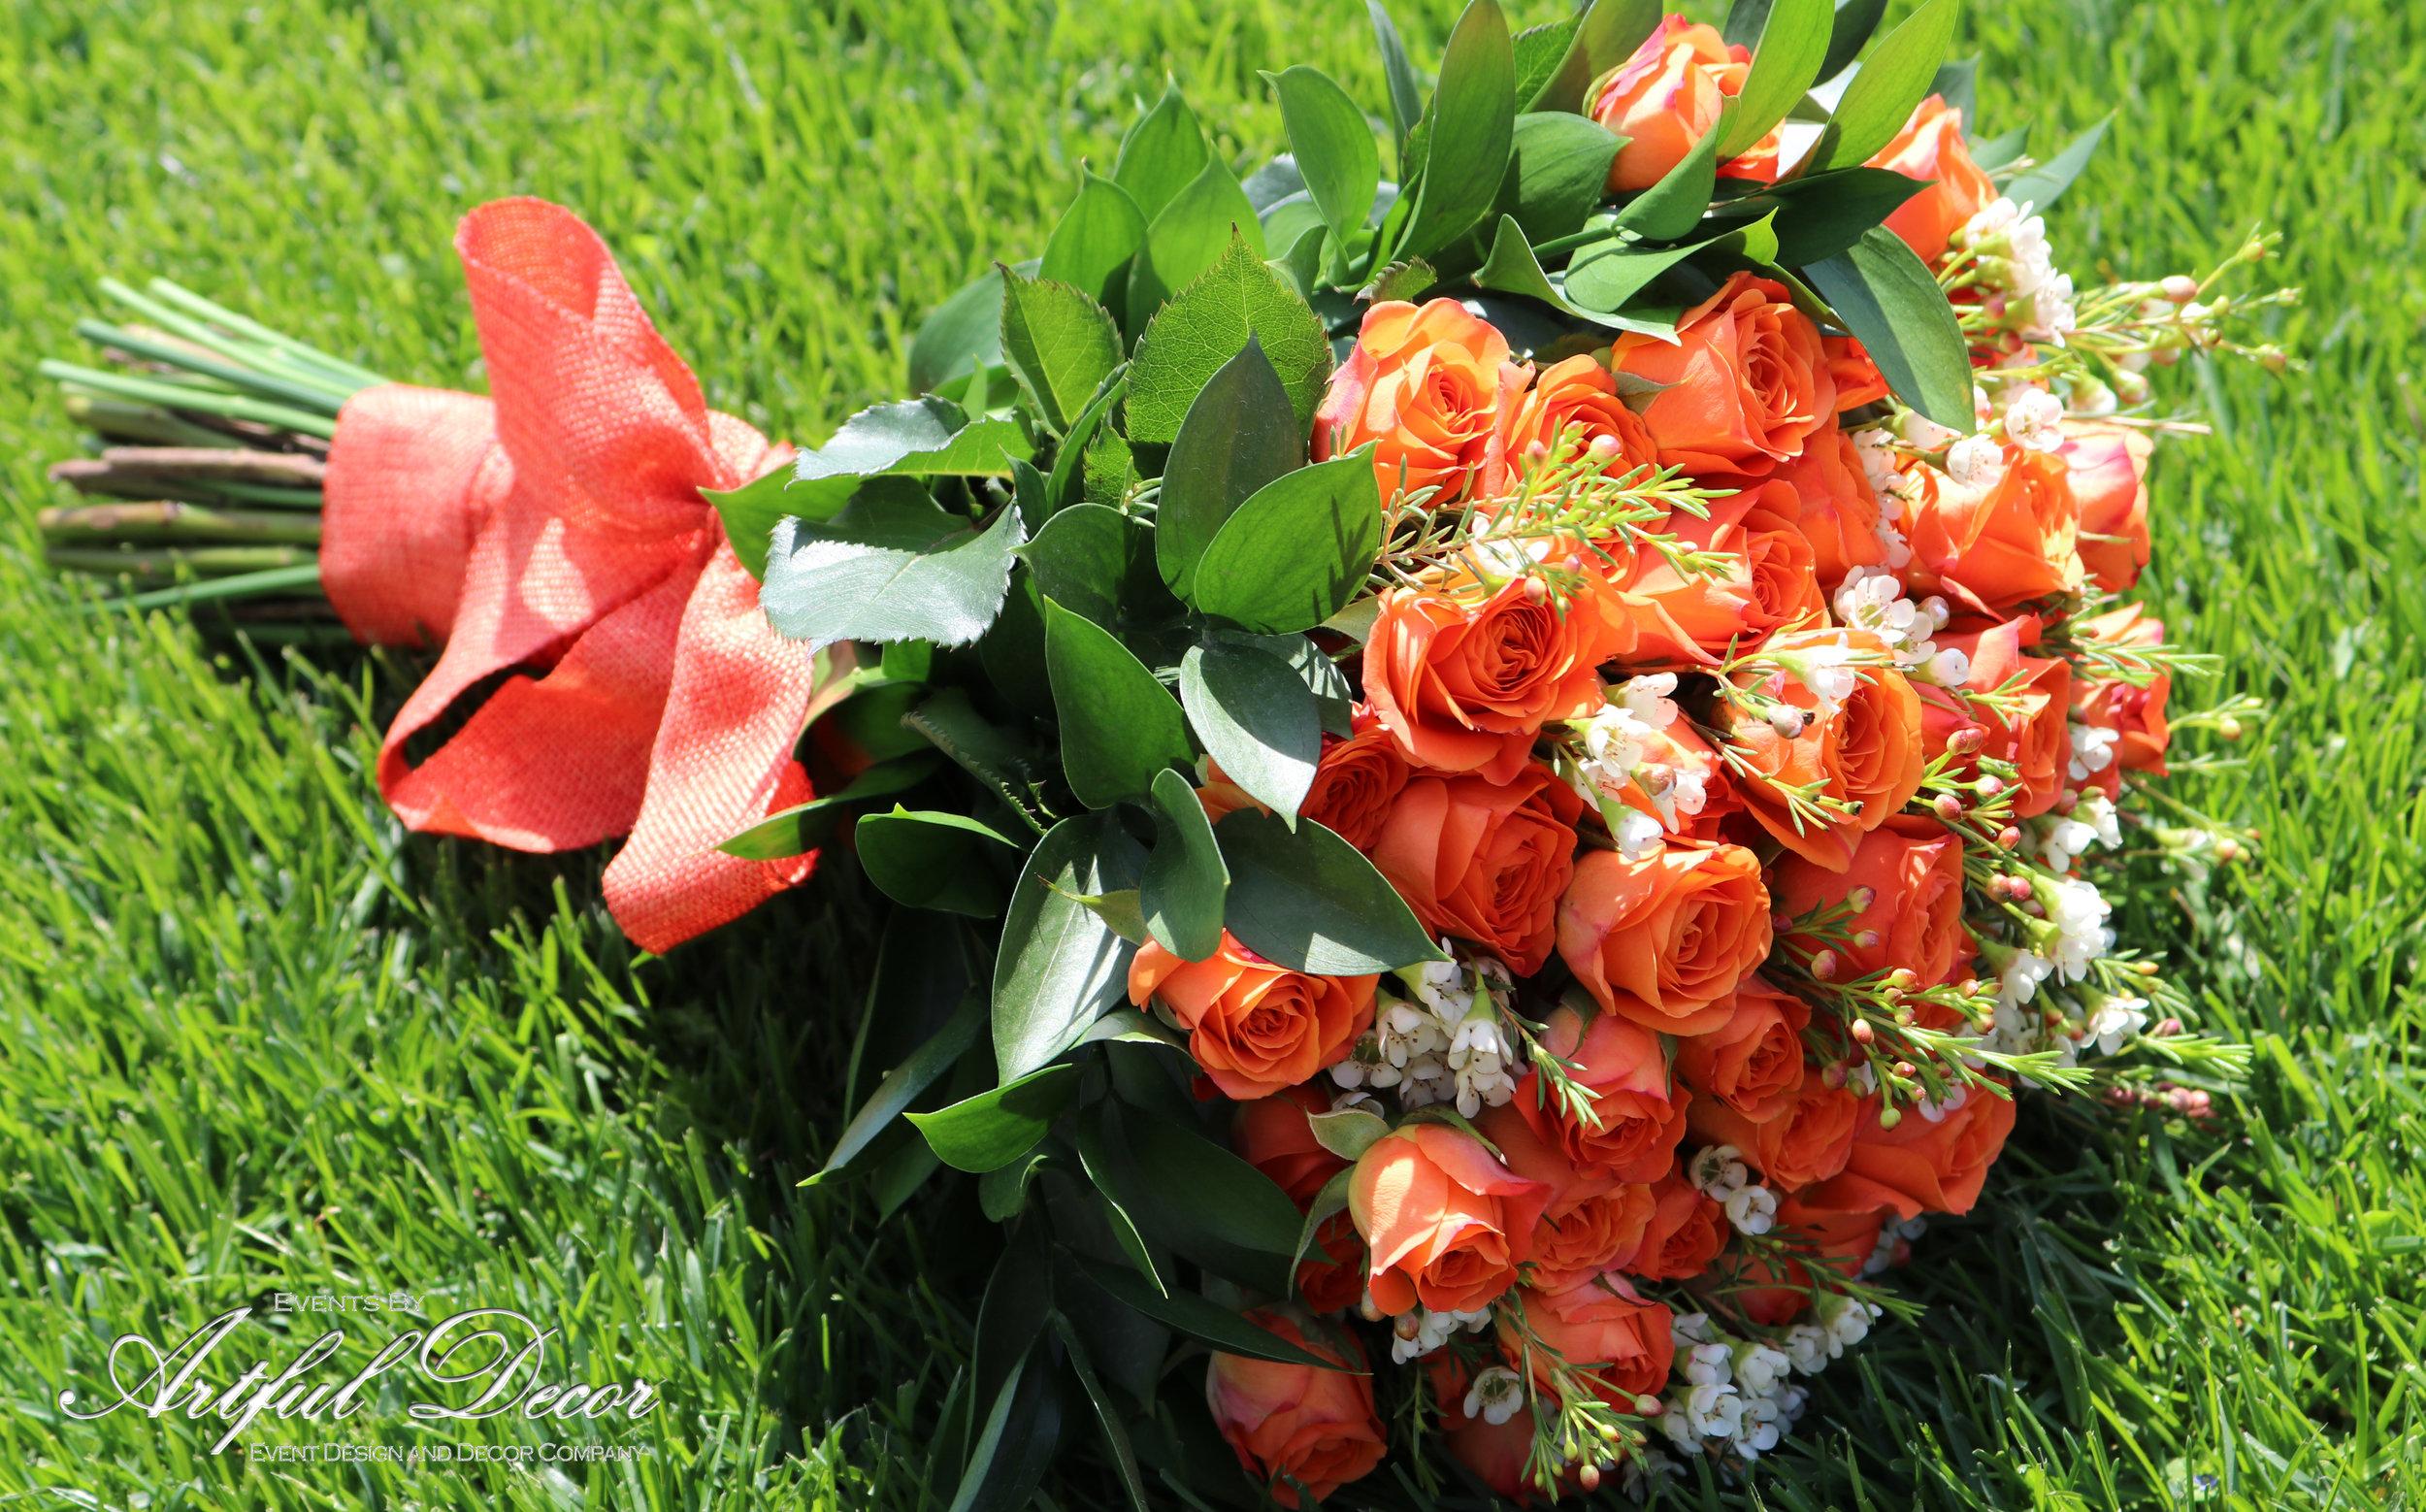 Bouquet 4 Copyright.jpg